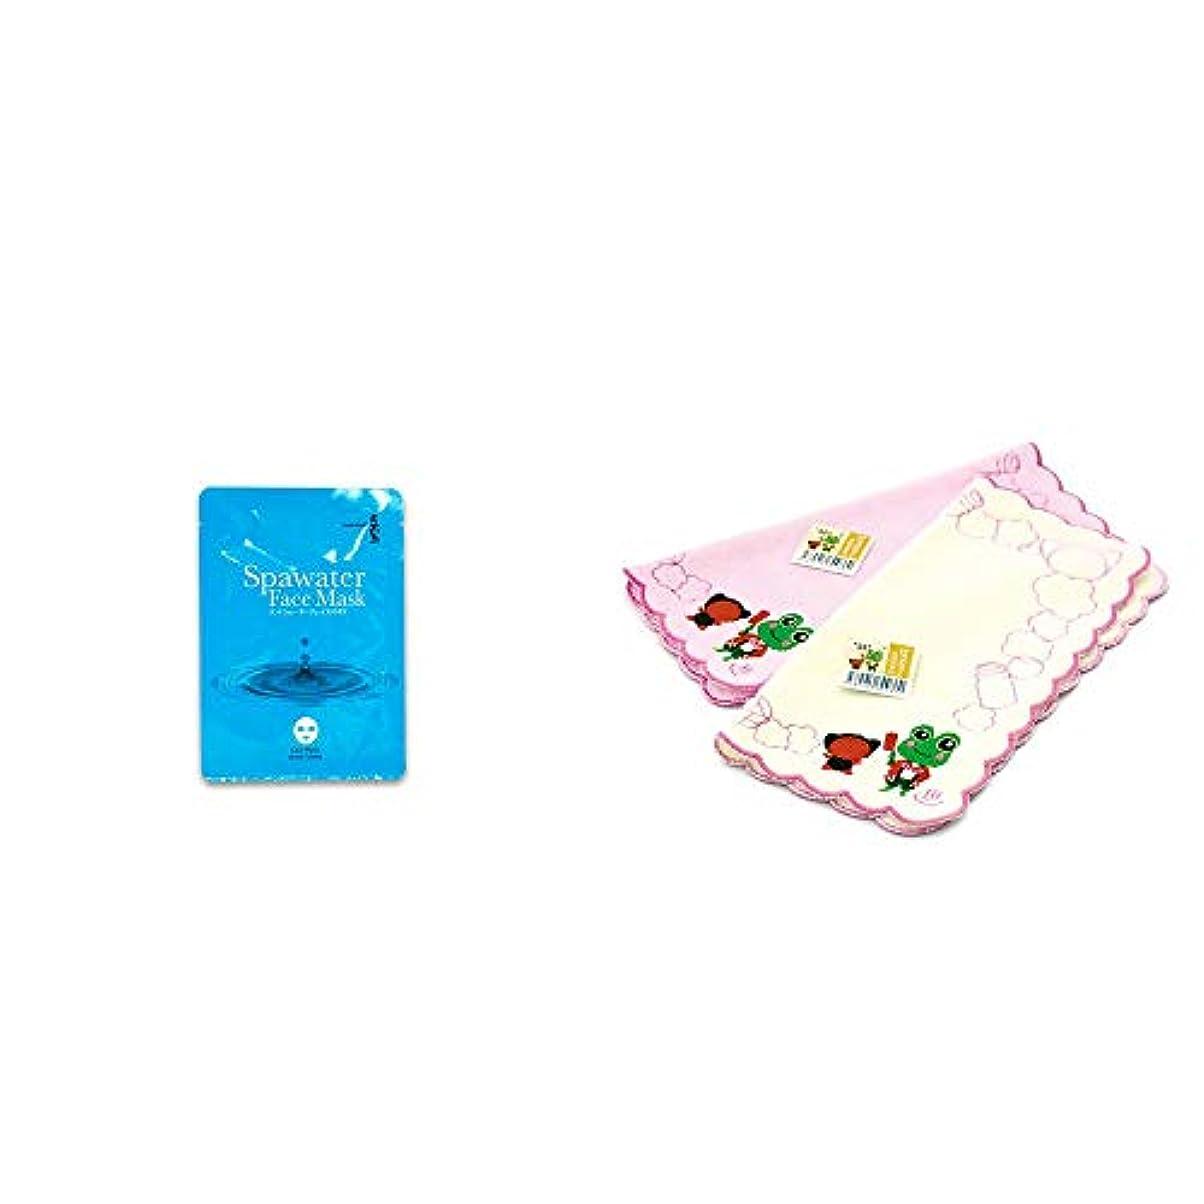 [2点セット] ひのき炭黒泉 スパウォーターフェイスマスク(18ml×3枚入)?下呂温泉限定 さるぼぼ&げろぐるくん ふわふわタオルハンカチ【ピンク】